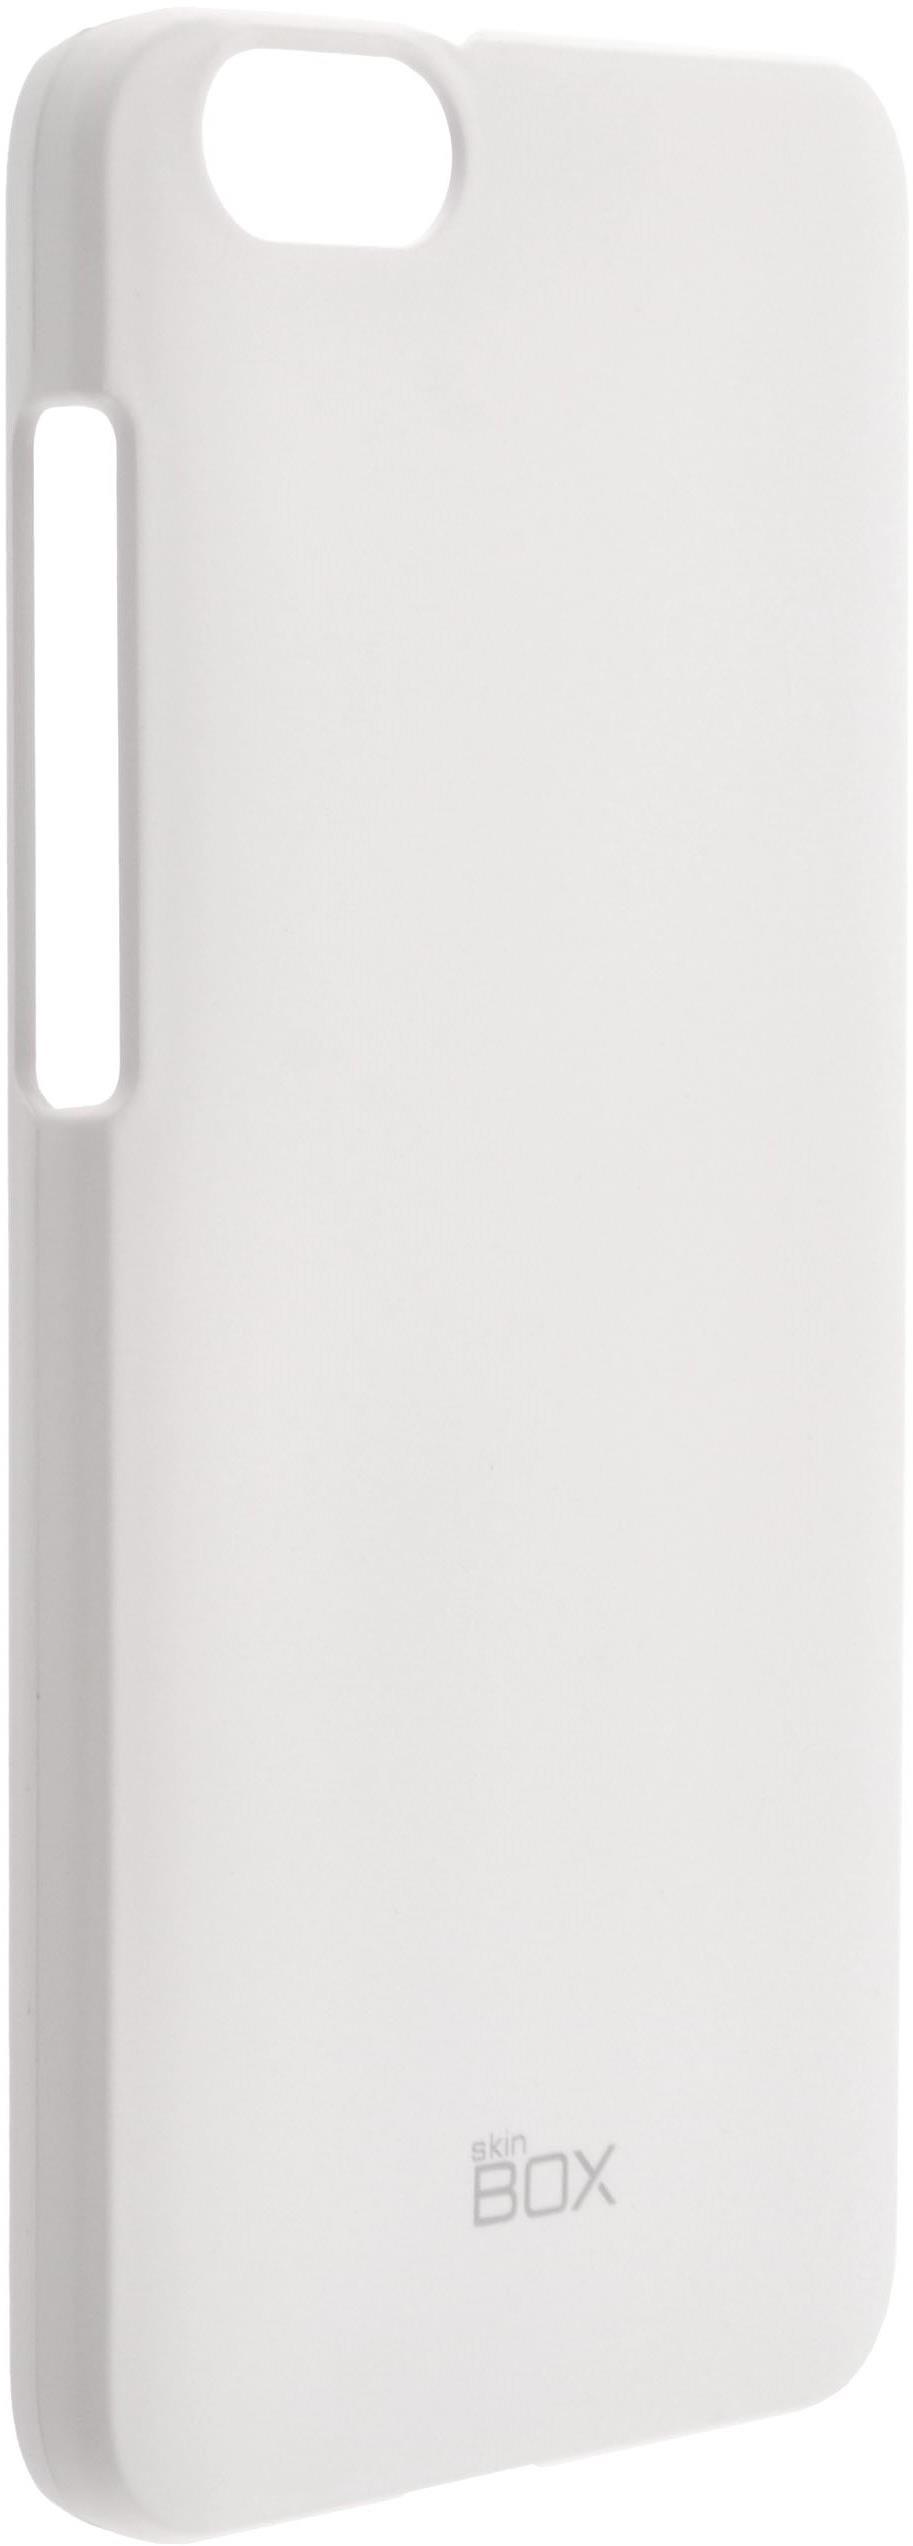 Чехол для сотового телефона skinBOX 4People, 4660041406832, белый чехол защитный skinbox lg magna